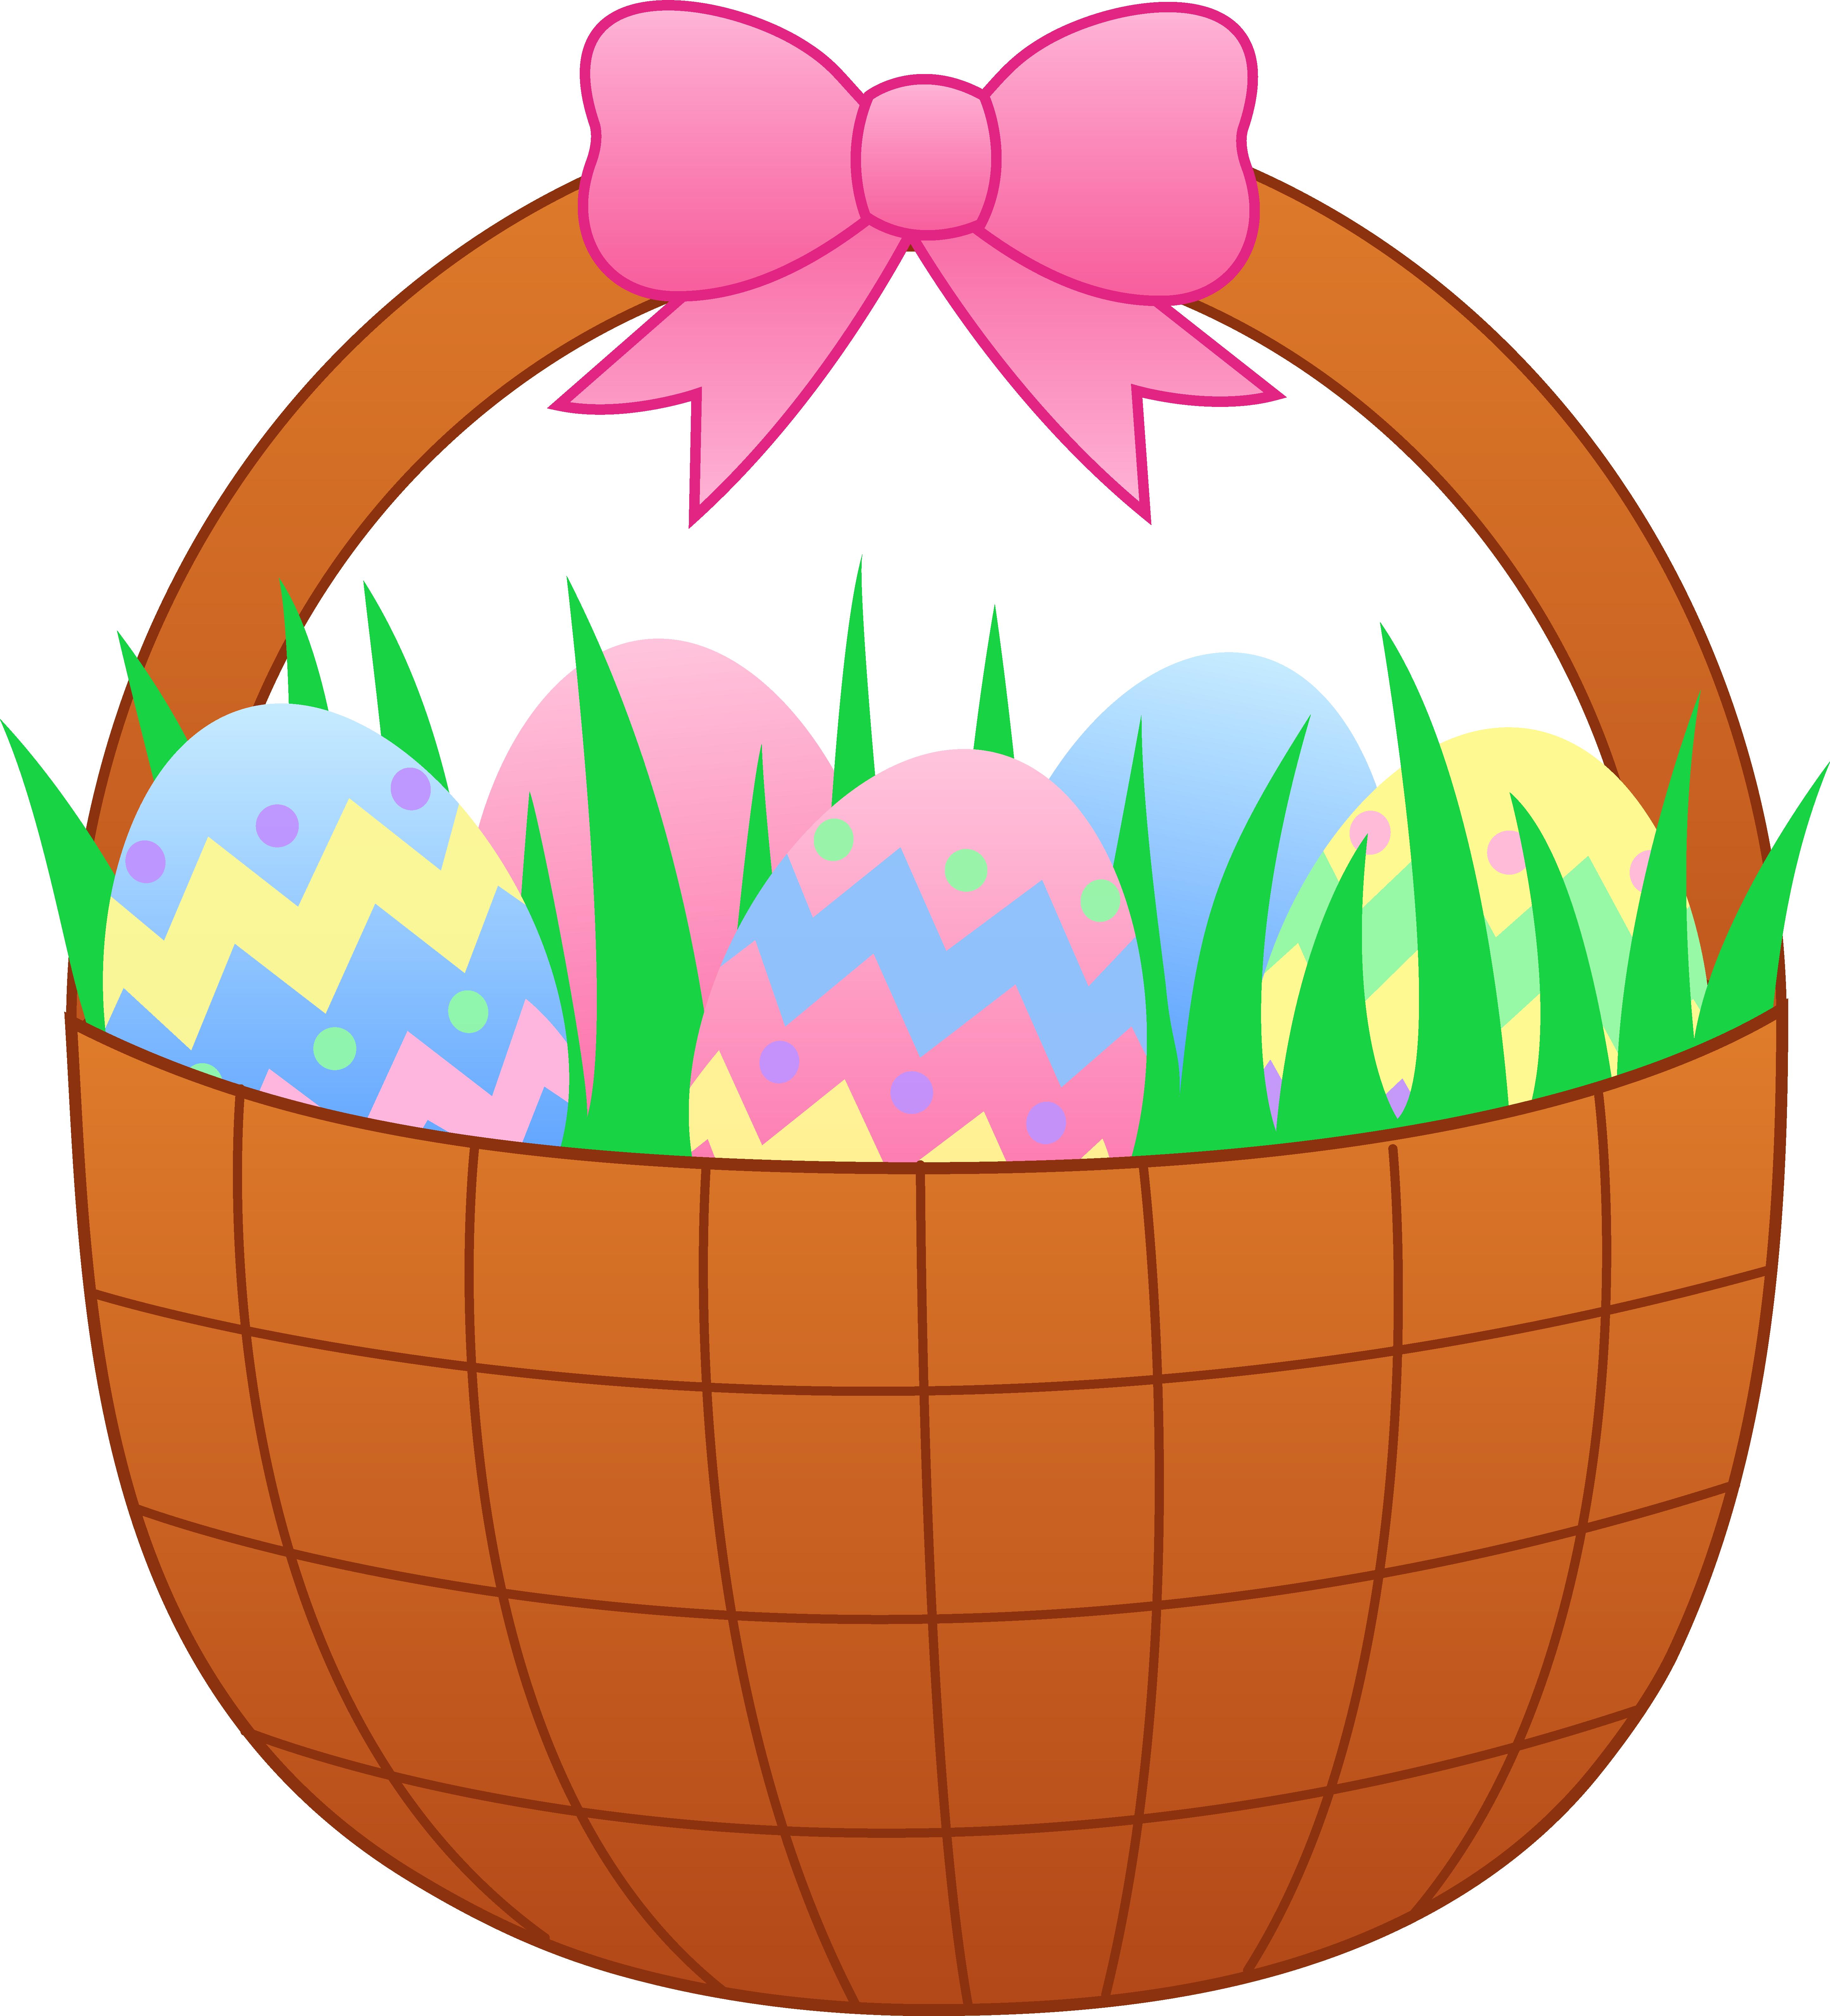 easter egg clipart-easter egg clipart-14